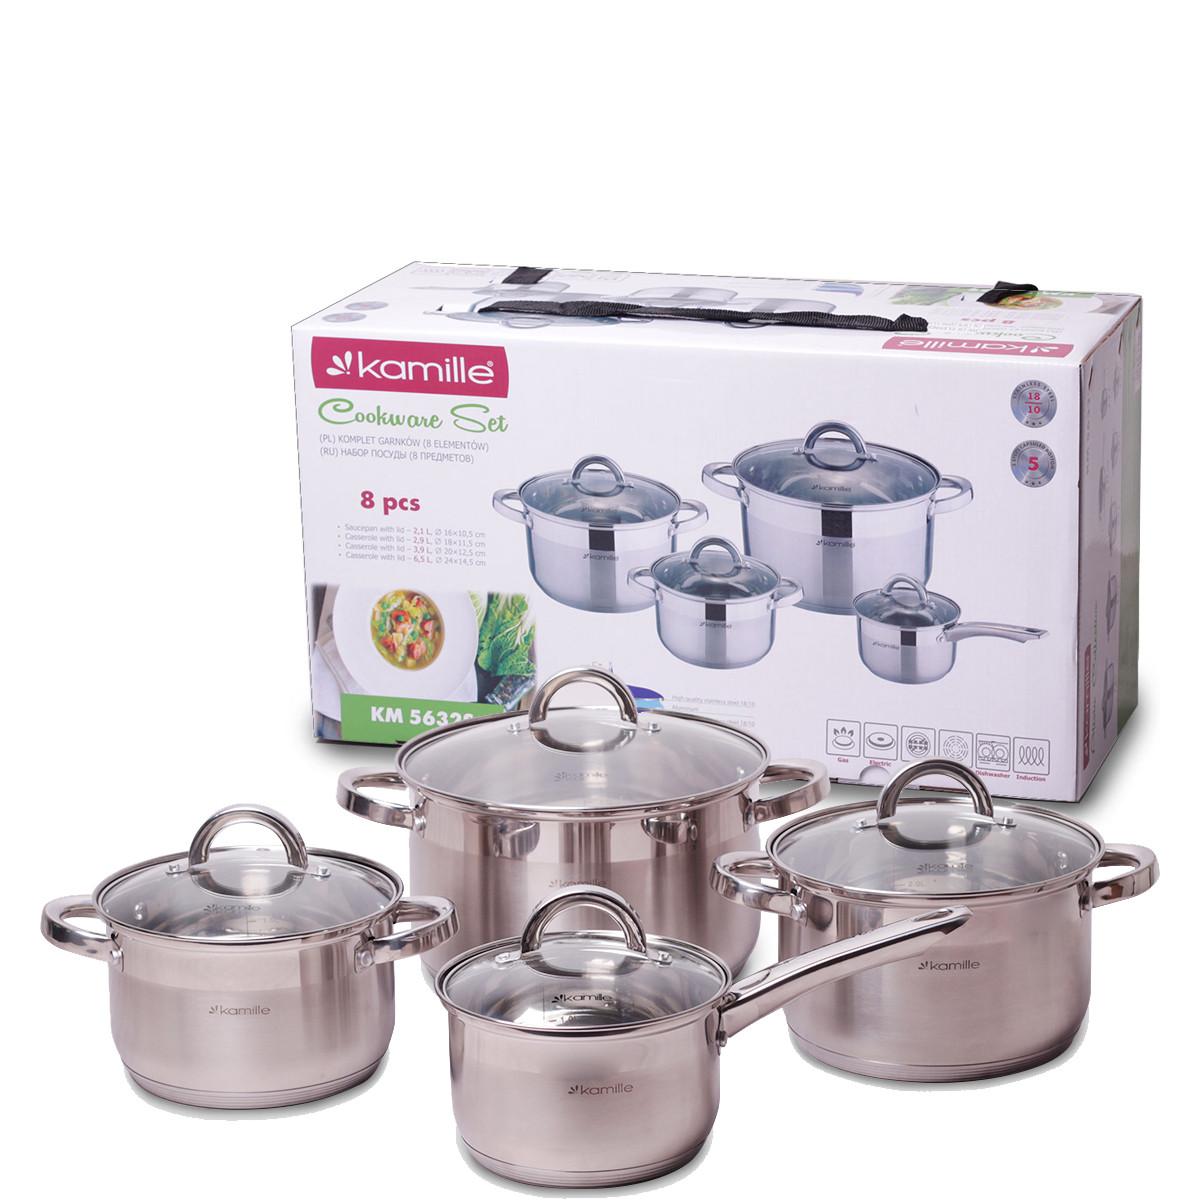 Набор посуды Kamille из нержавеющей стали 8 предметов для индукции и газа (2.1л, 2.9л, 3.9л, 6.5л) KM-5632S